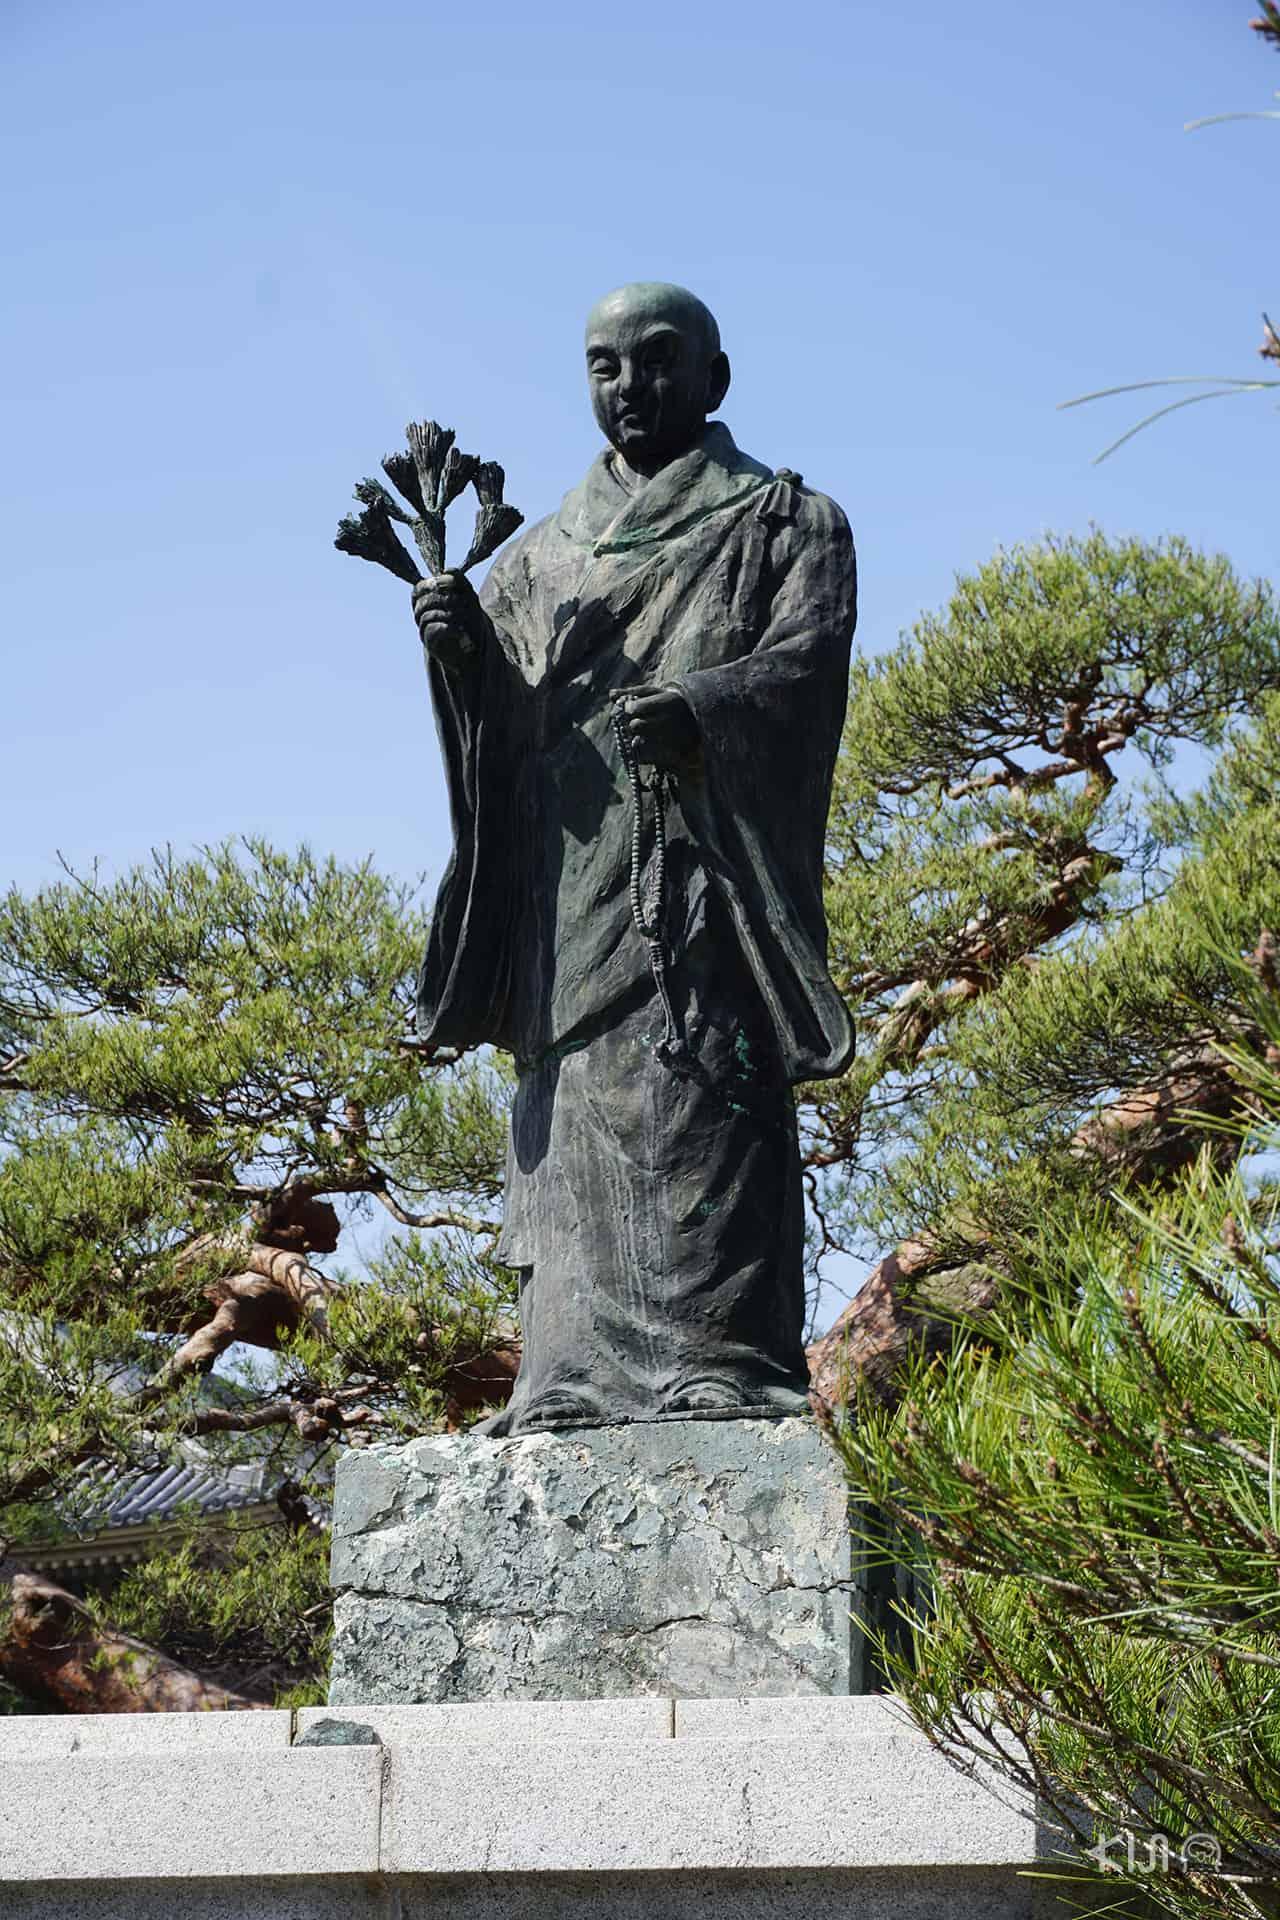 รูปปั้นทางพุทธศาสนาที่วัดเซ็นโคจิ (Zenkoji Temple)